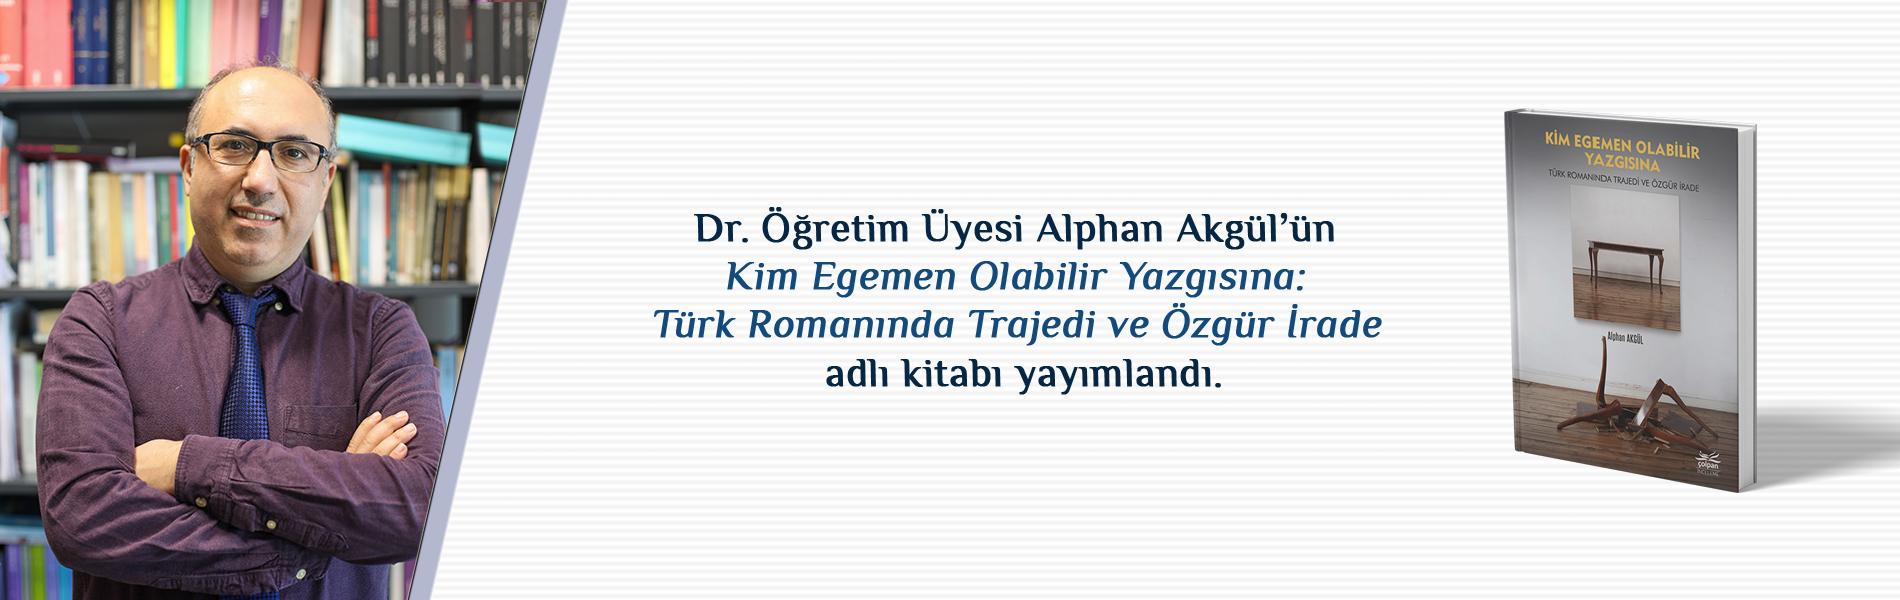 Dr. Öğr. Üyesi Alphan Akgül'ün Kim Egemen Olabilir Yazgısına: Türk Romanında Trajedi ve Özgür İrade Adlı Kitabı Çolpan Kitap Tarafından Basıldı